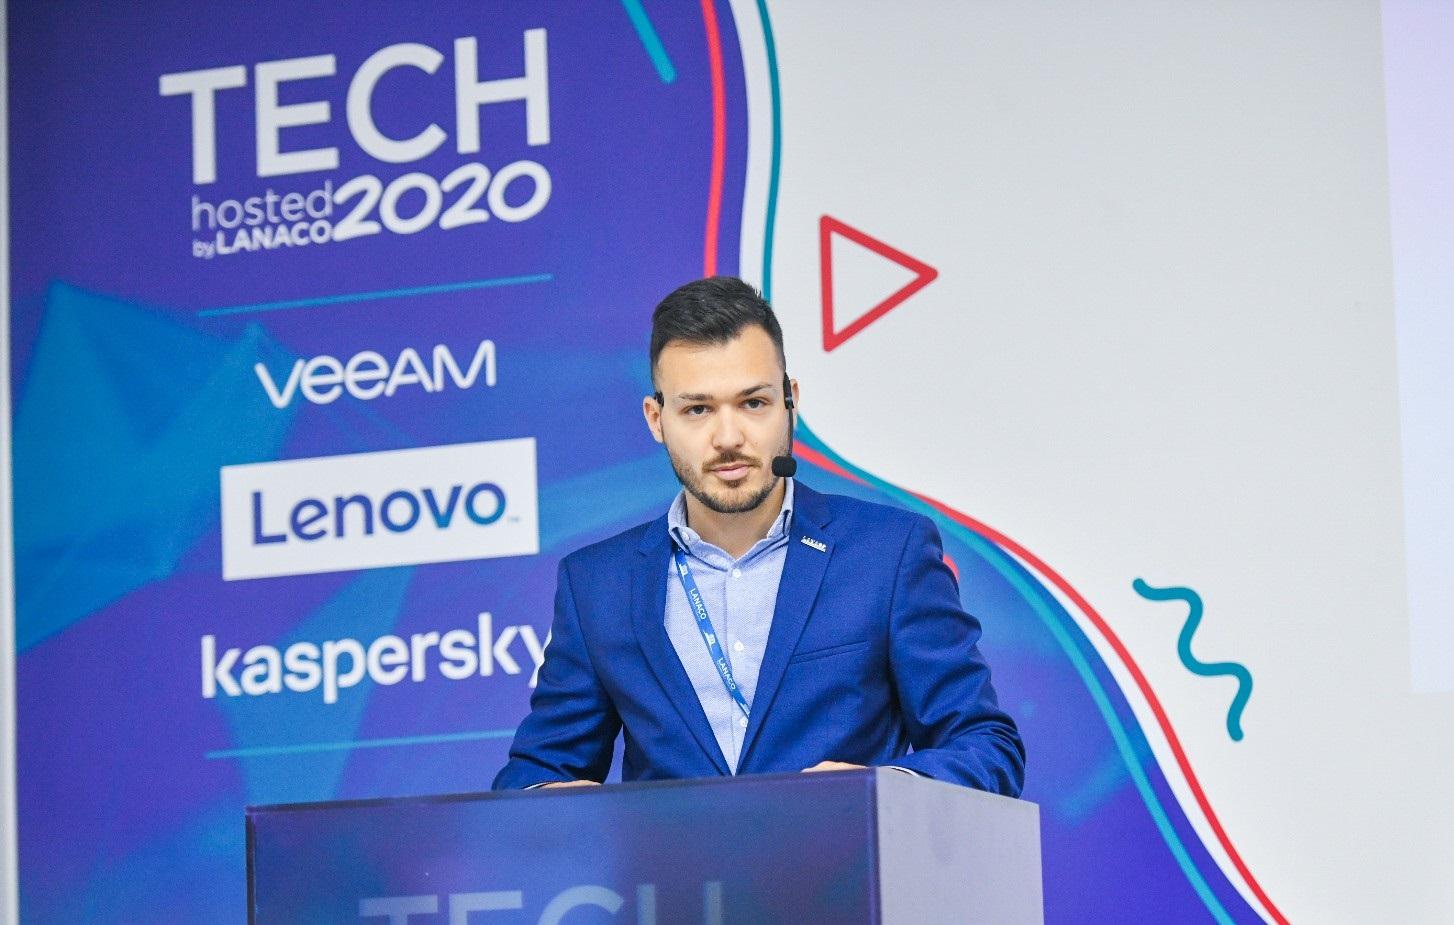 Završeno šesto izdanje Tech Hosted by LANACO konferencije